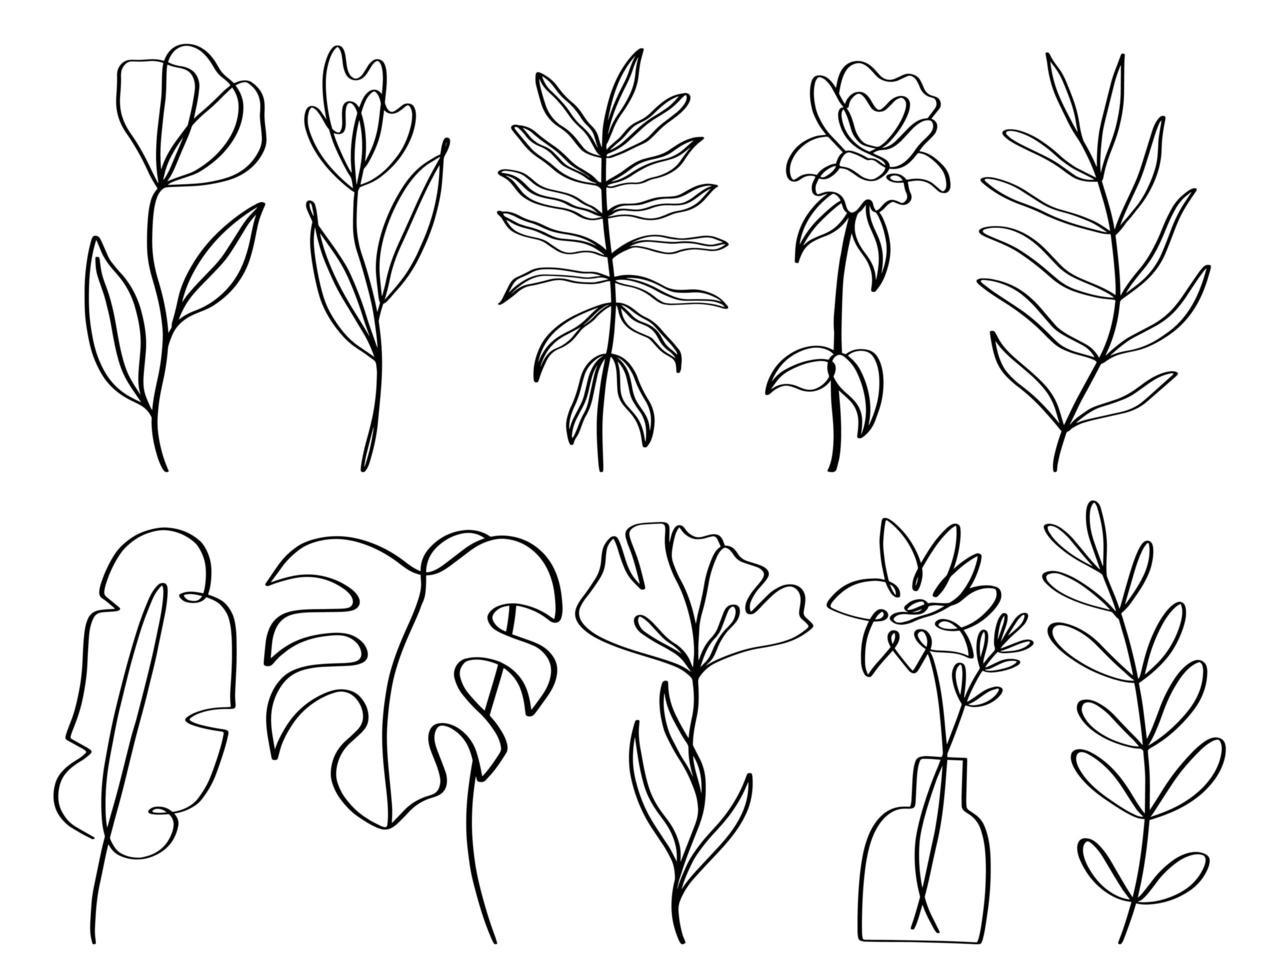 Satz zeitgenössisches einzeiliges handgezeichnetes Blumenelement vektor